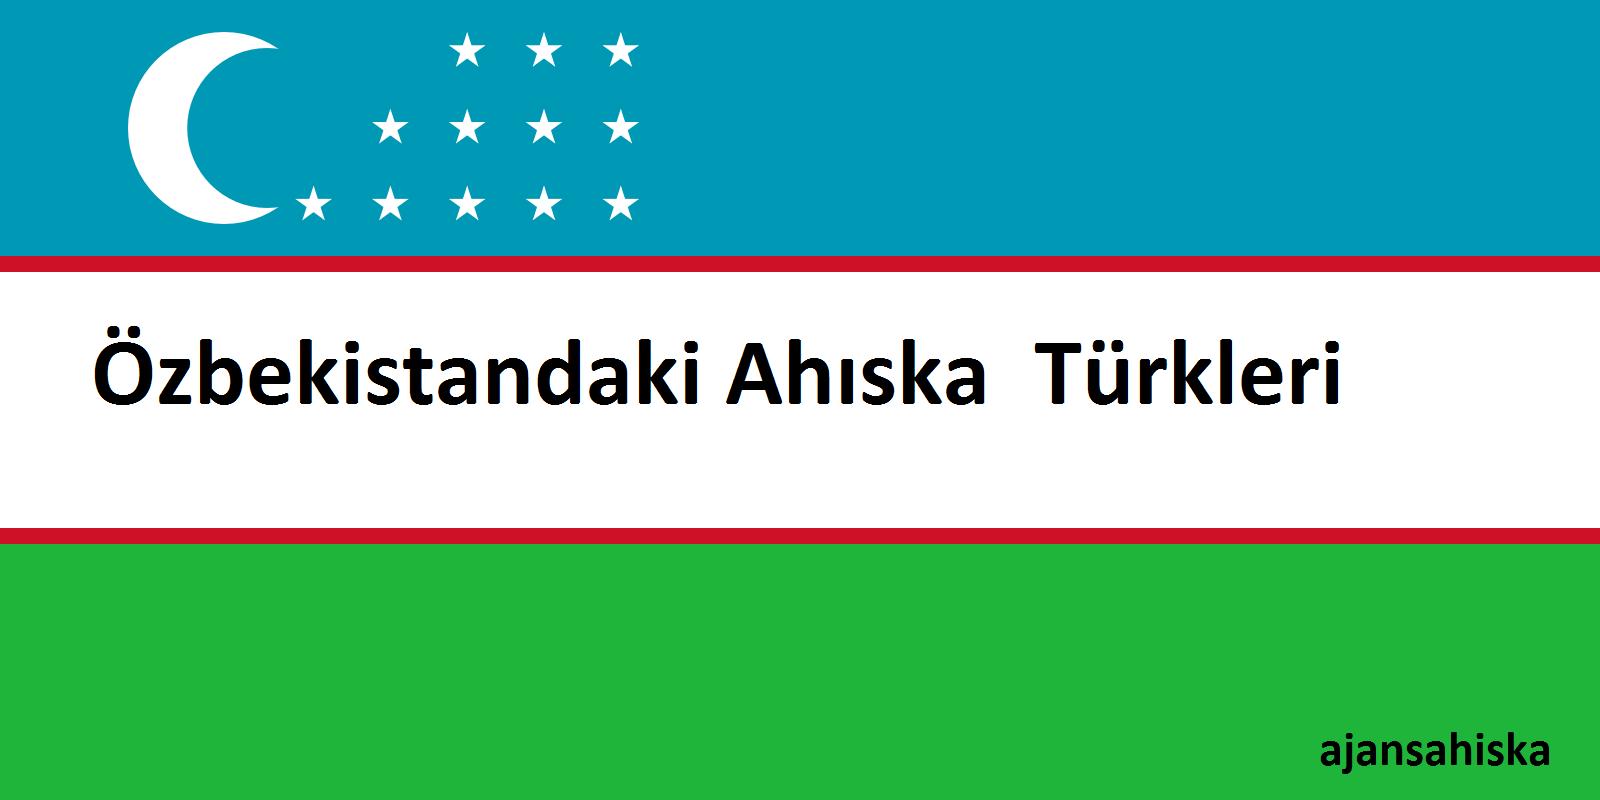 Özbekistandaki Ahıska Türkleri